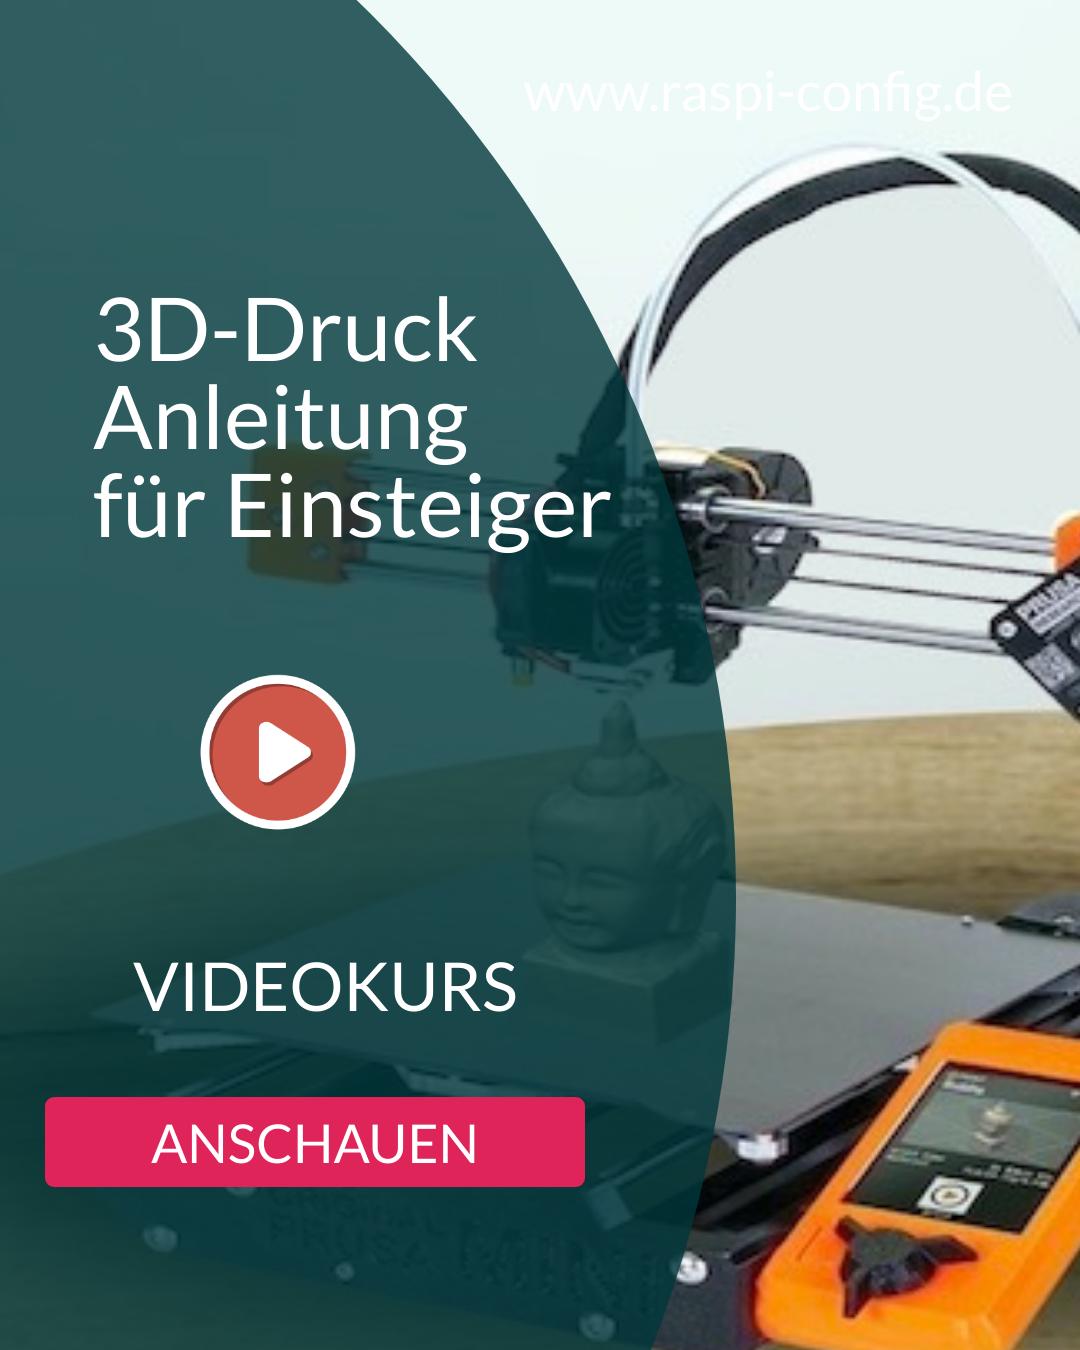 3D-Druck Anleitung für Einsteiger Banner3